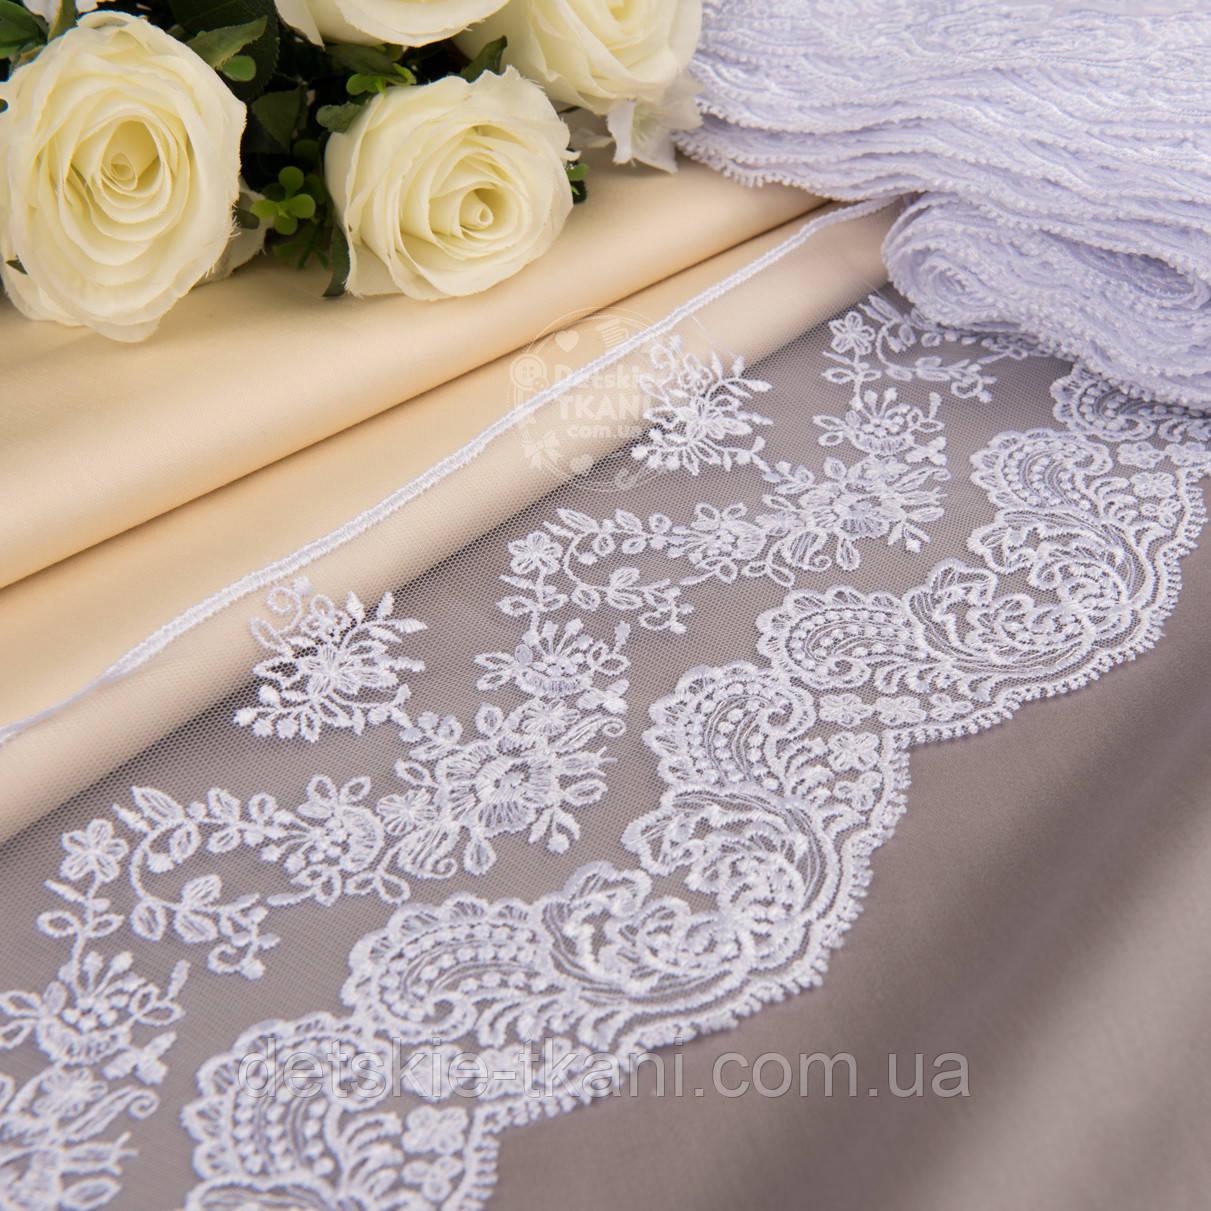 Кружево с вышивкой шёлковой нитью белого цвета, ширина 13 см.